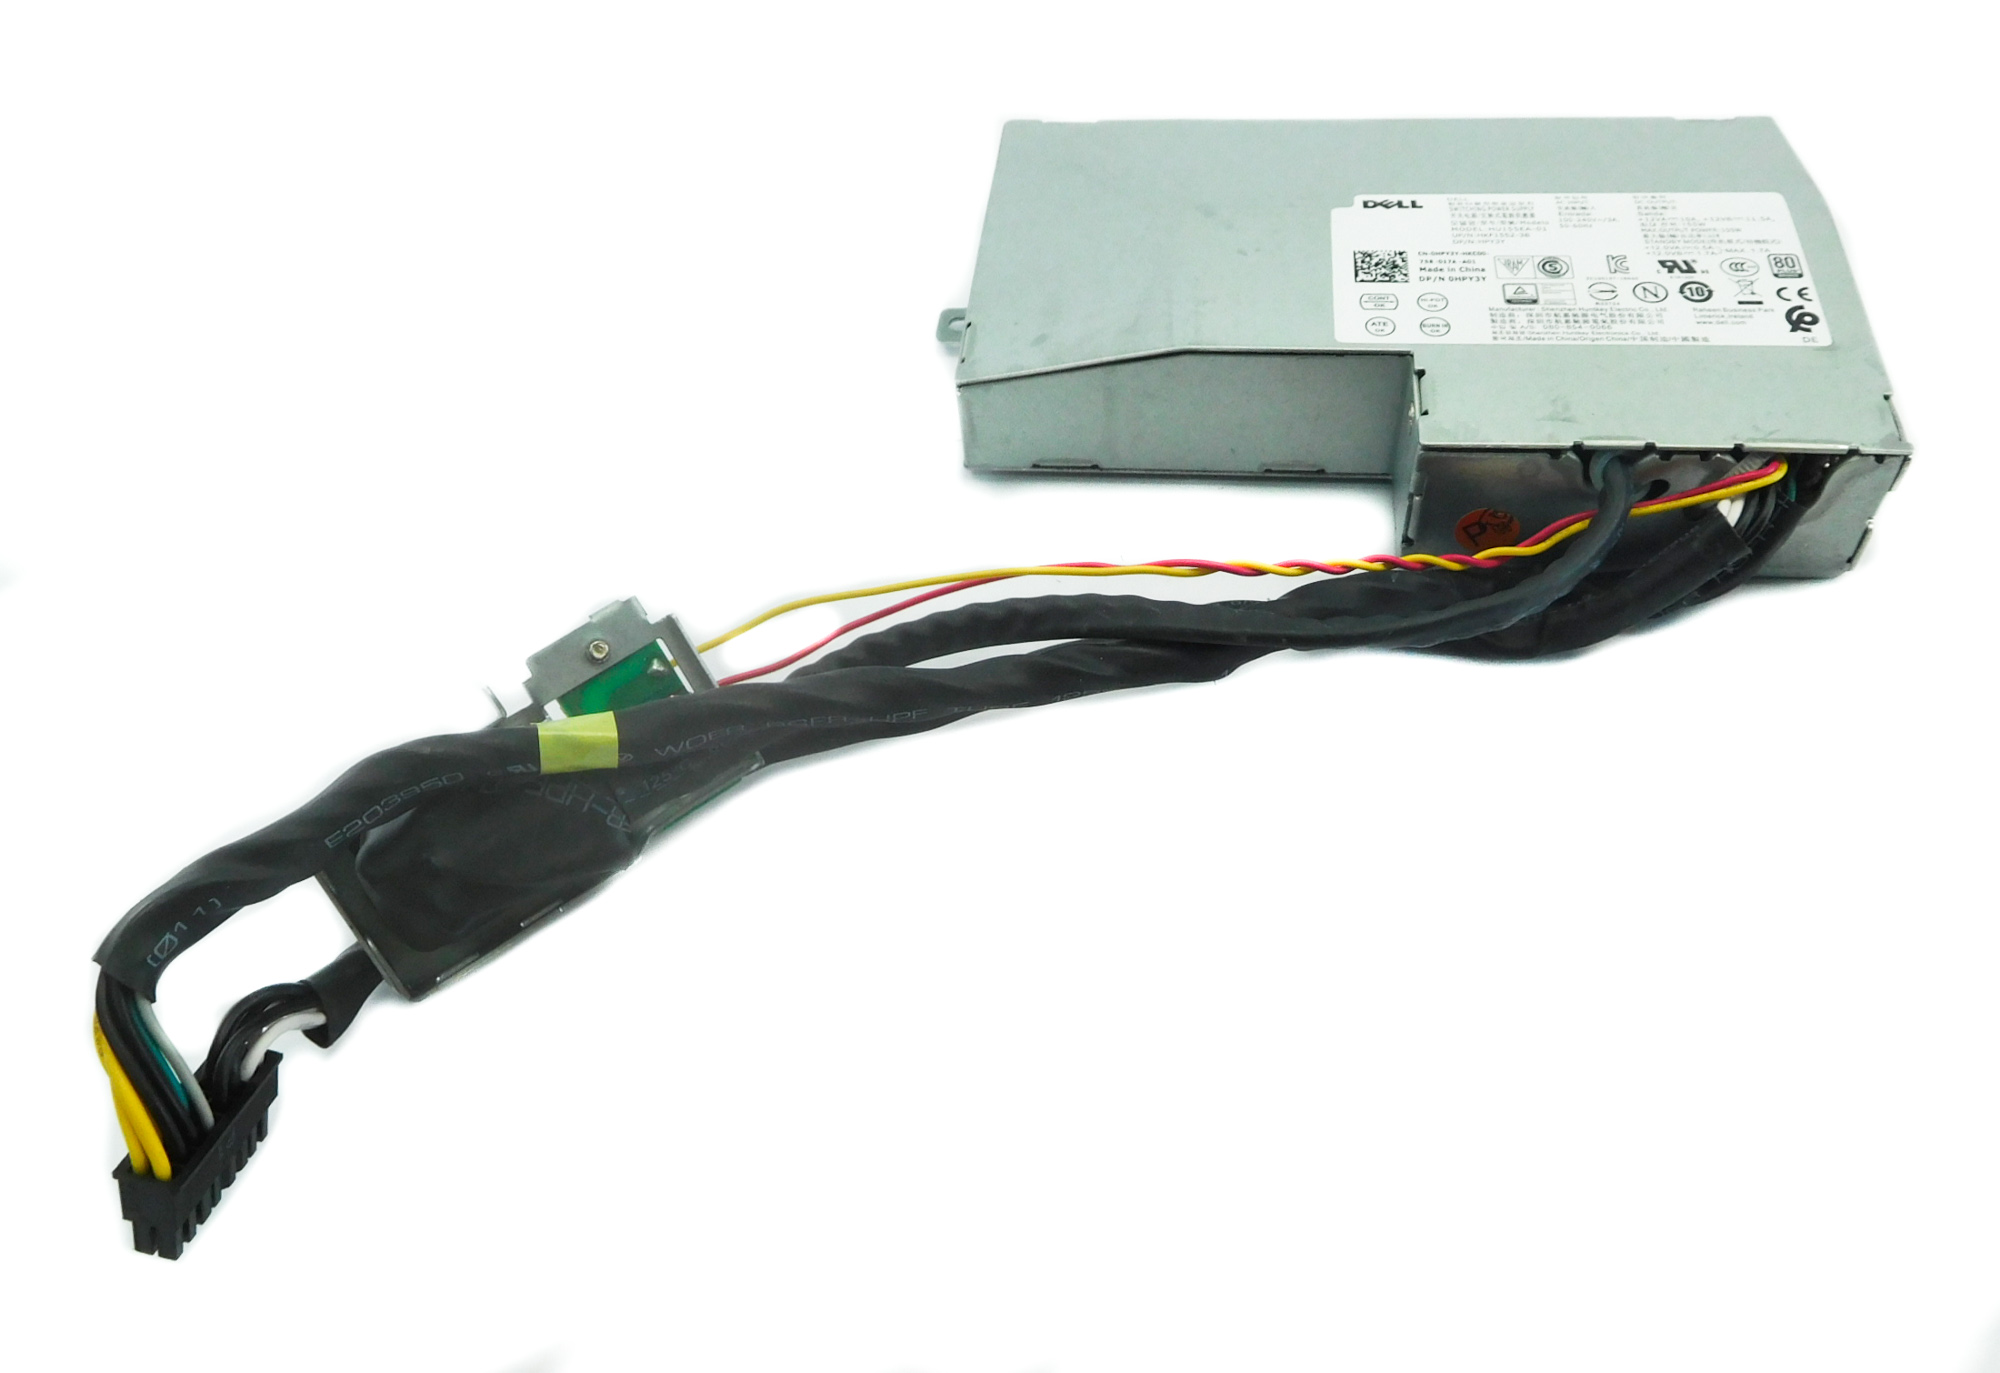 Dell HPY3Y OptiPlex 7450 AiO PC 155W Power Supply unit Huntkey HU155EA-01